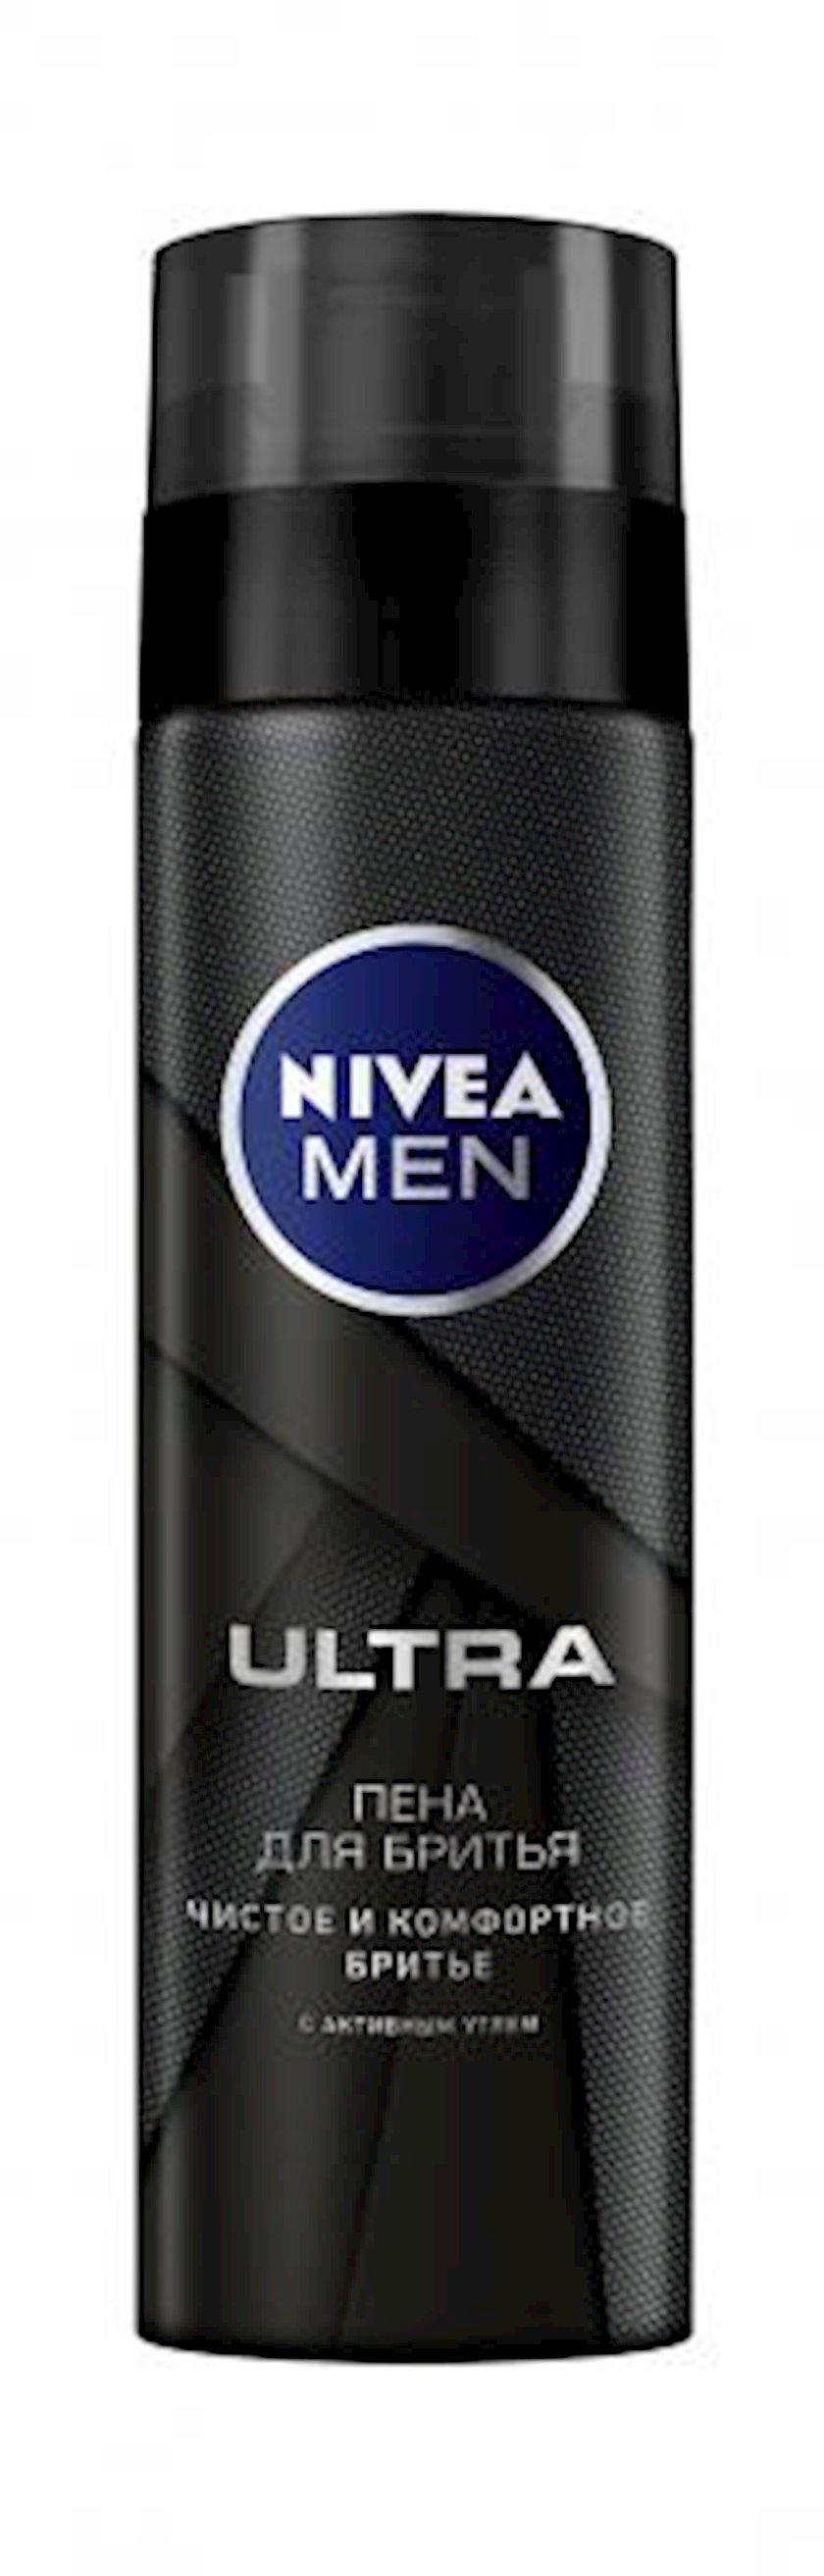 Təraş köpüyü Nivea Men Ultra  aktiv kömür ilə , 200 ml